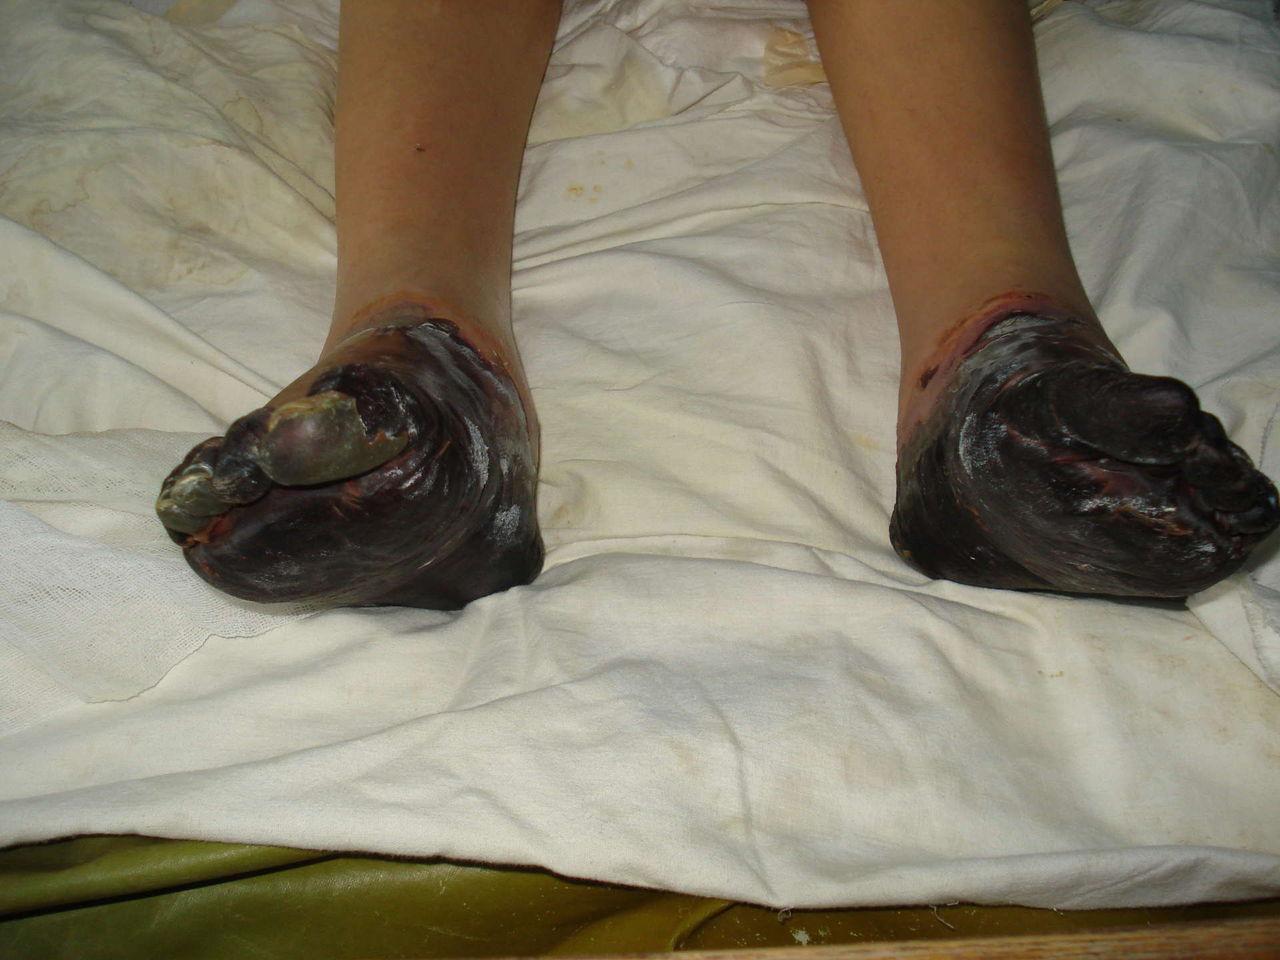 Прапорщик голеностопный сустав как убрать боль суставов коленей трутся друг о друга